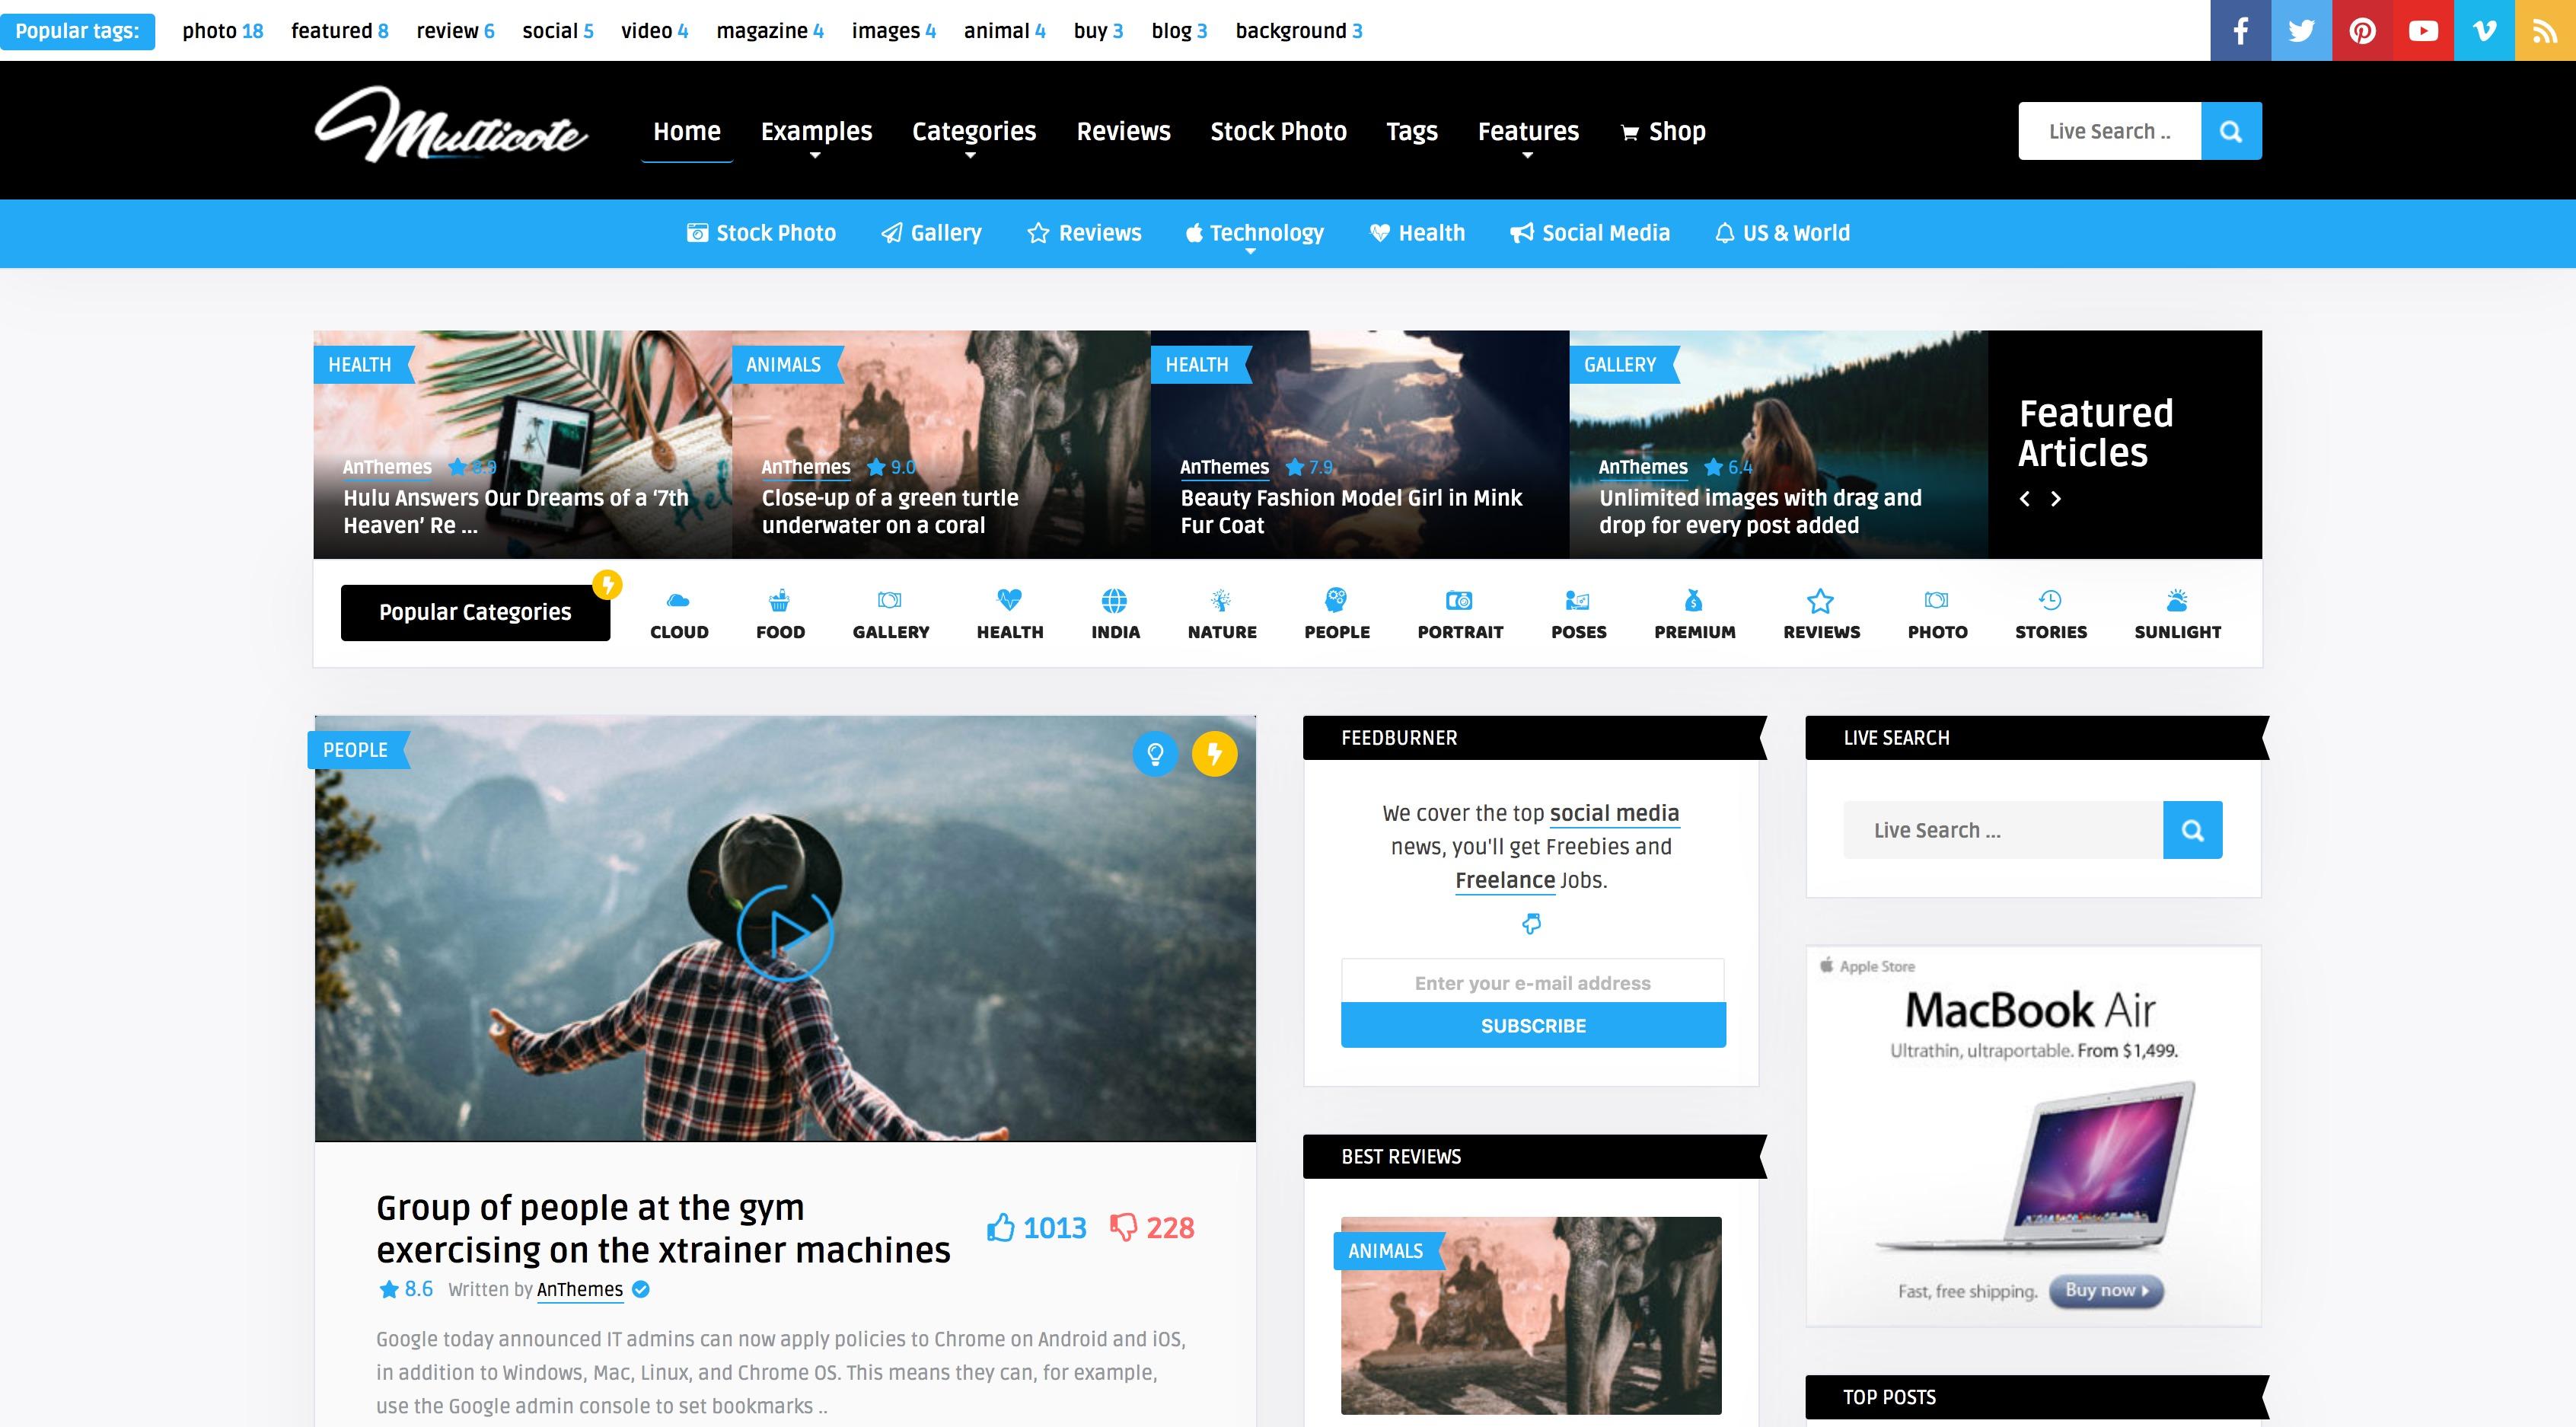 Multicote-多用途新闻博客杂志WordPress主题